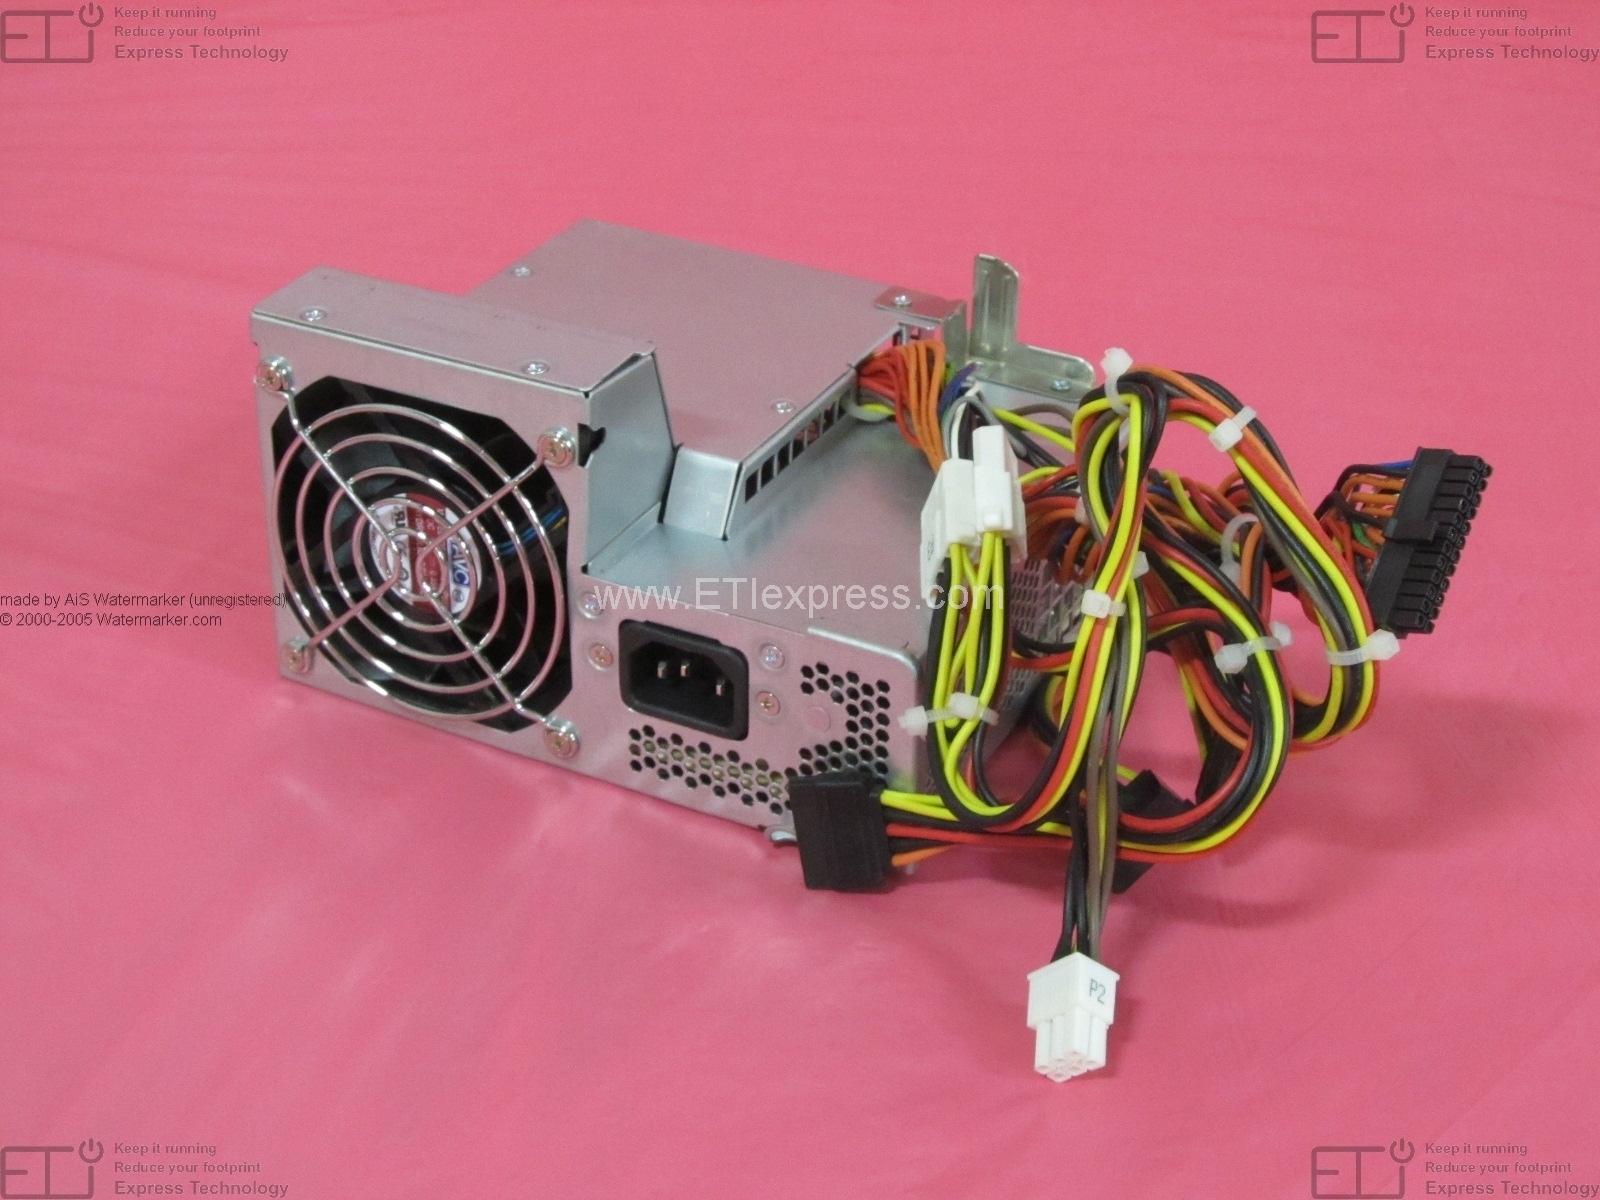 460879-001 Hewlett-Packard SPS-PSU 300 Watt D5 CATS HOUNDS MT